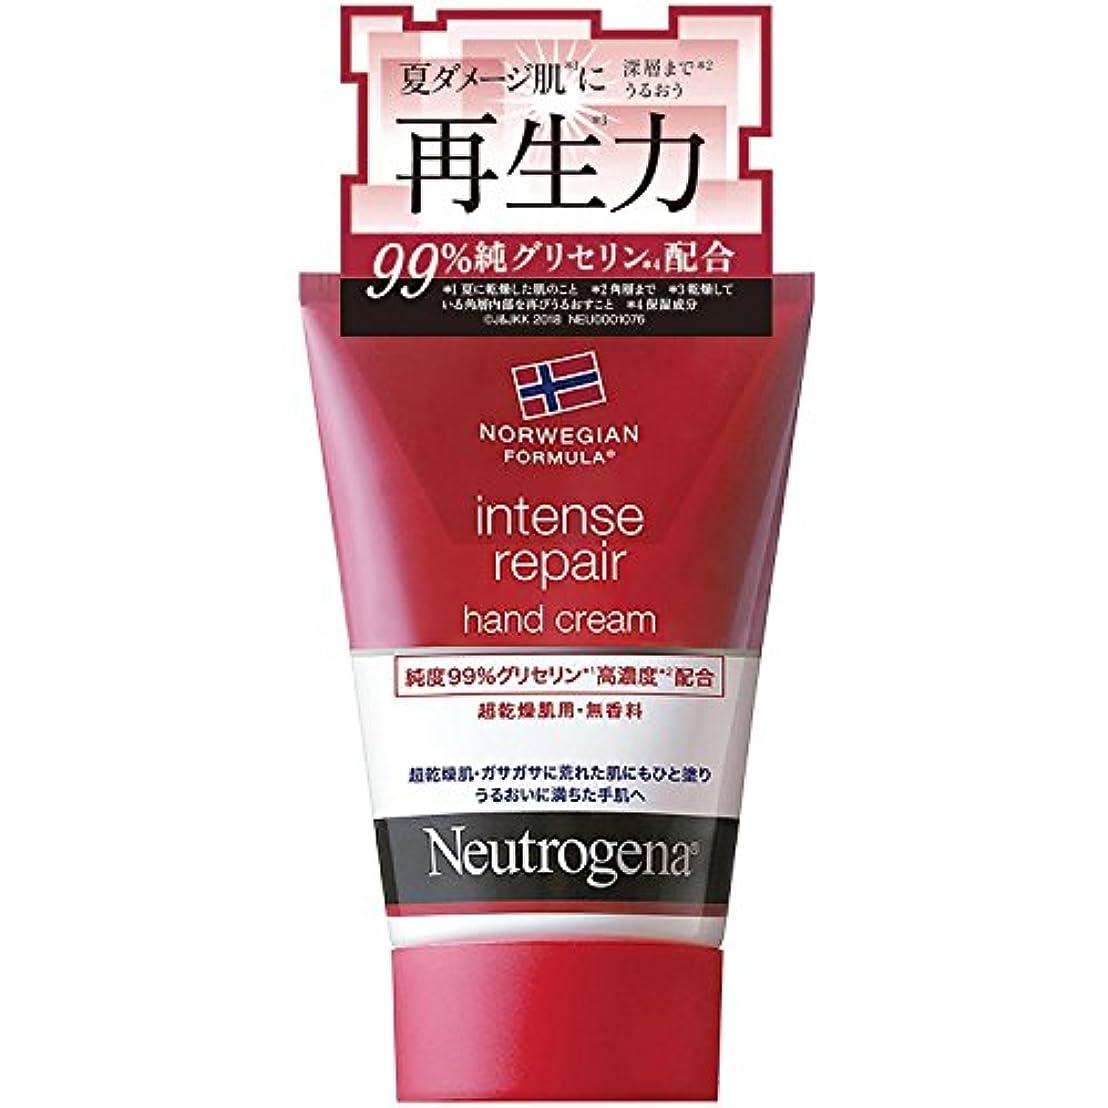 まだら期待して土器Neutrogena(ニュートロジーナ) ノルウェーフォーミュラ インテンスリペア ハンドクリーム 超乾燥肌用 無香料 単品 50g